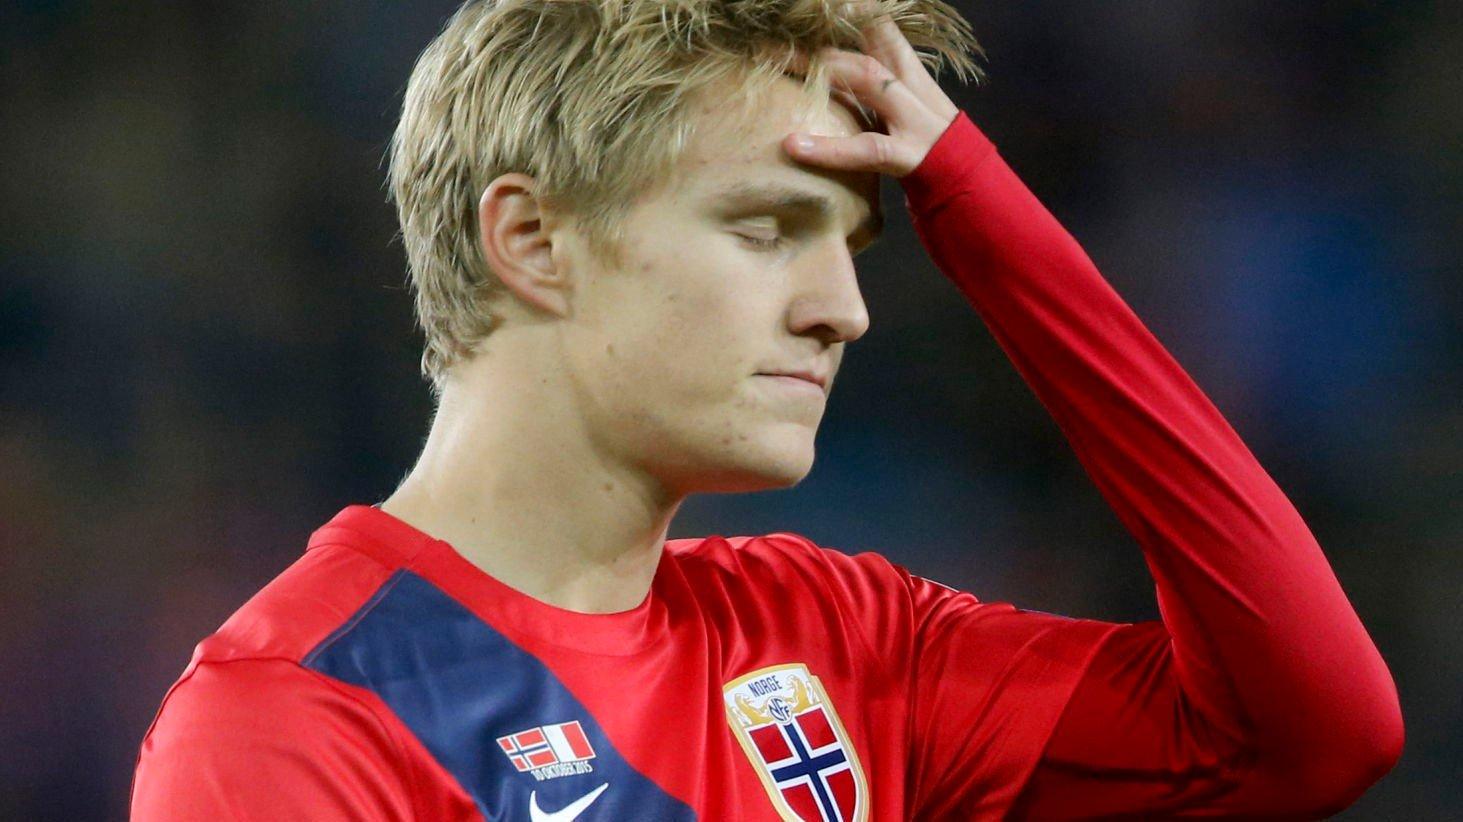 BARE NESTEN: Martin Ødegaard fortviler etter en å ha bommet på en kjempesjanse under EM-kvalifiseringskampen i fotball mellom Norge og Malta på Ullevaal stadion lørdag.